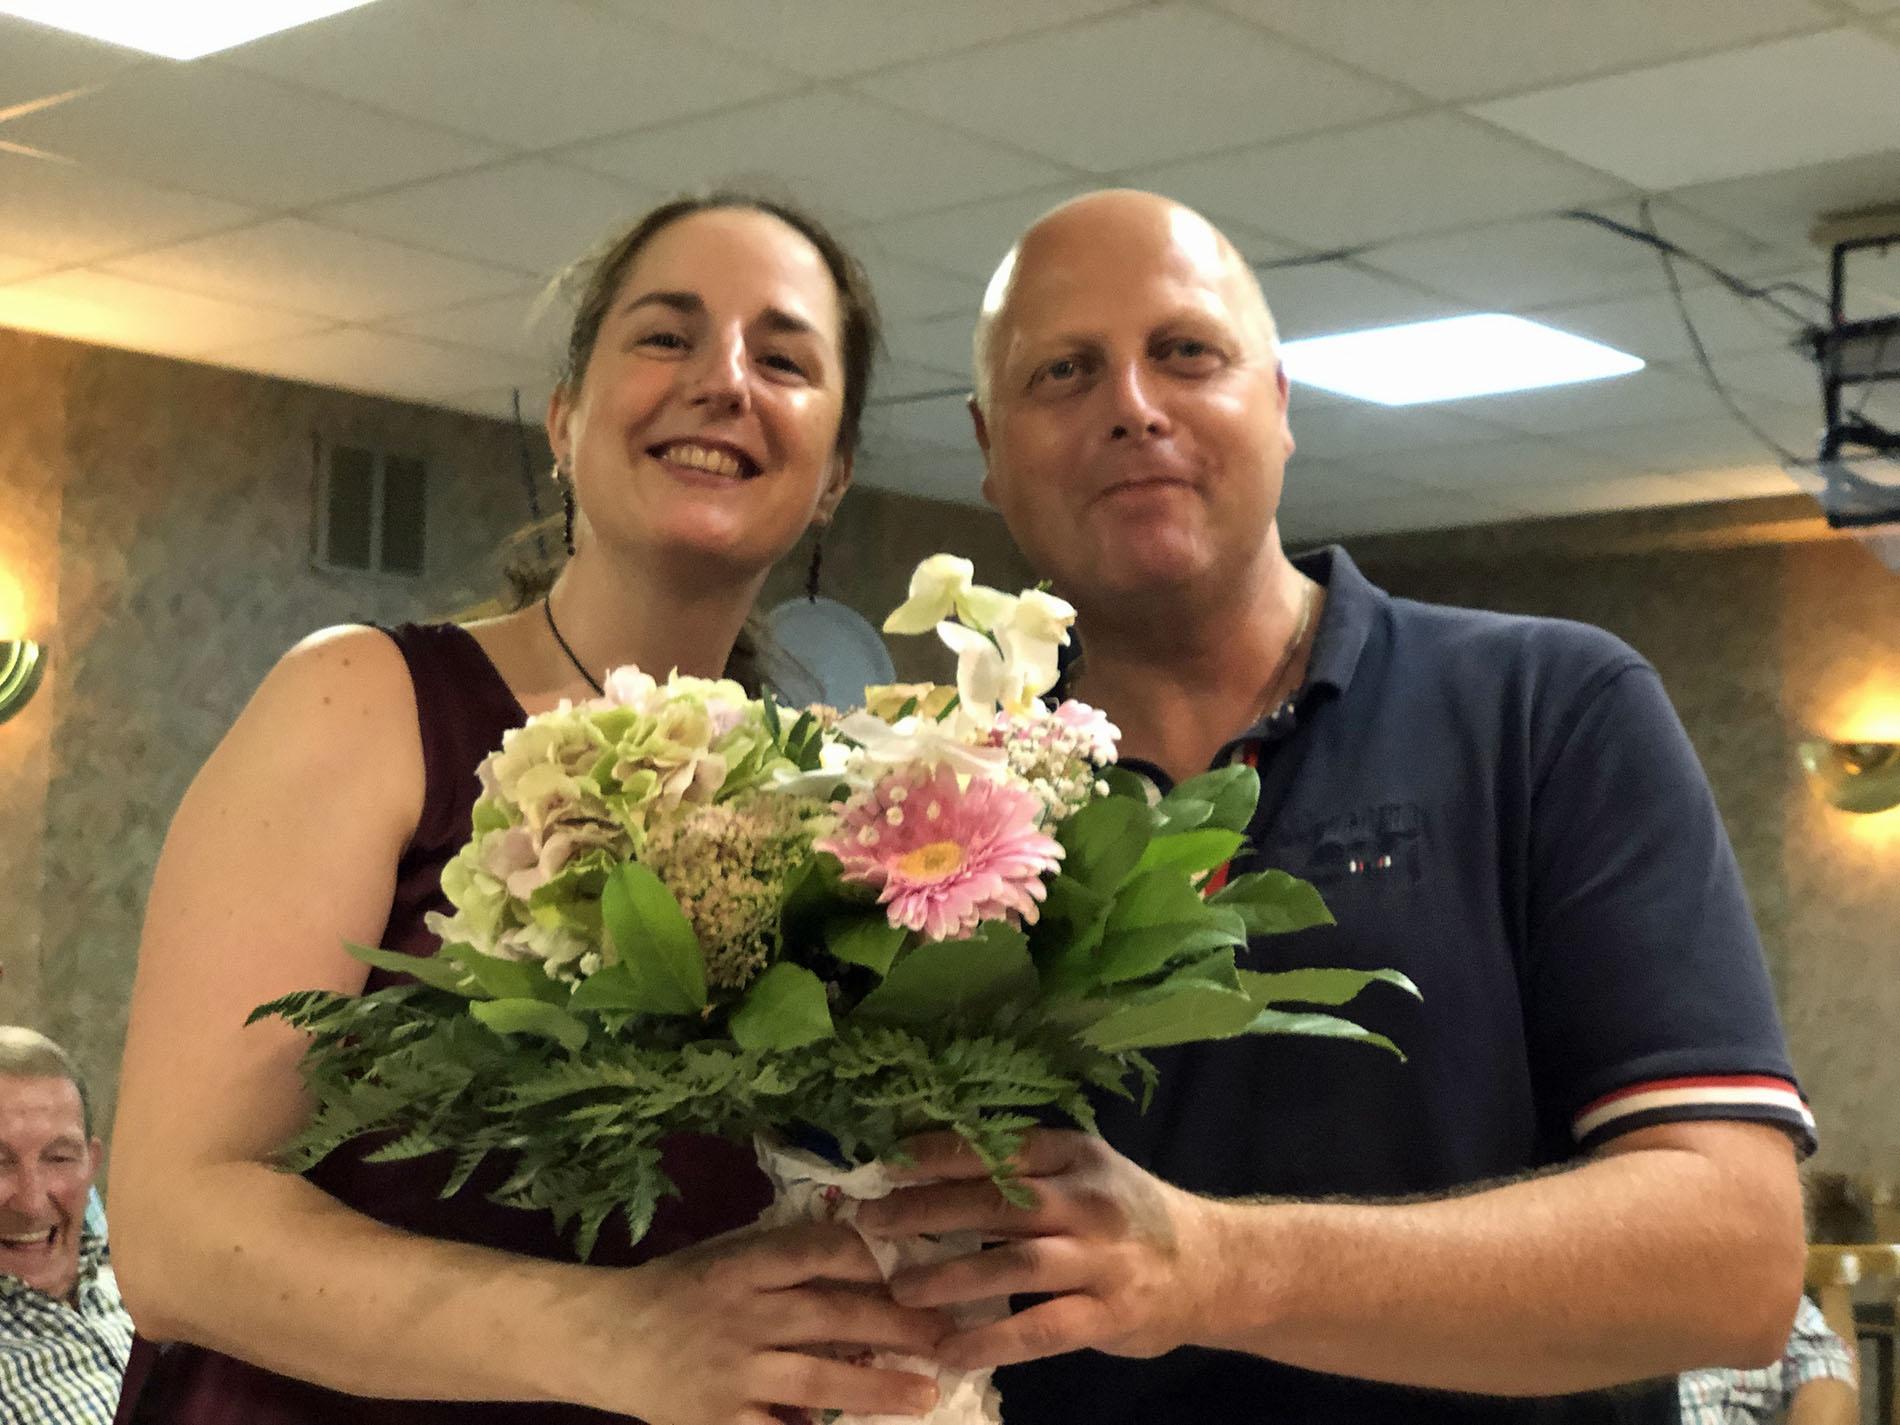 Bei der letzten Chorprobe am Freitagabend, 30. August 2019, überreichte MGV-Vorsitzender einen Blumenstrauß an Chorleiterin Daniela Bosenius, die einen Tag zuvor ihren Geburtstag feierte. Sichtlich viel Spaß hatten dabei auch alle ihre Sänger... (Fotos: Willi Schlößer)